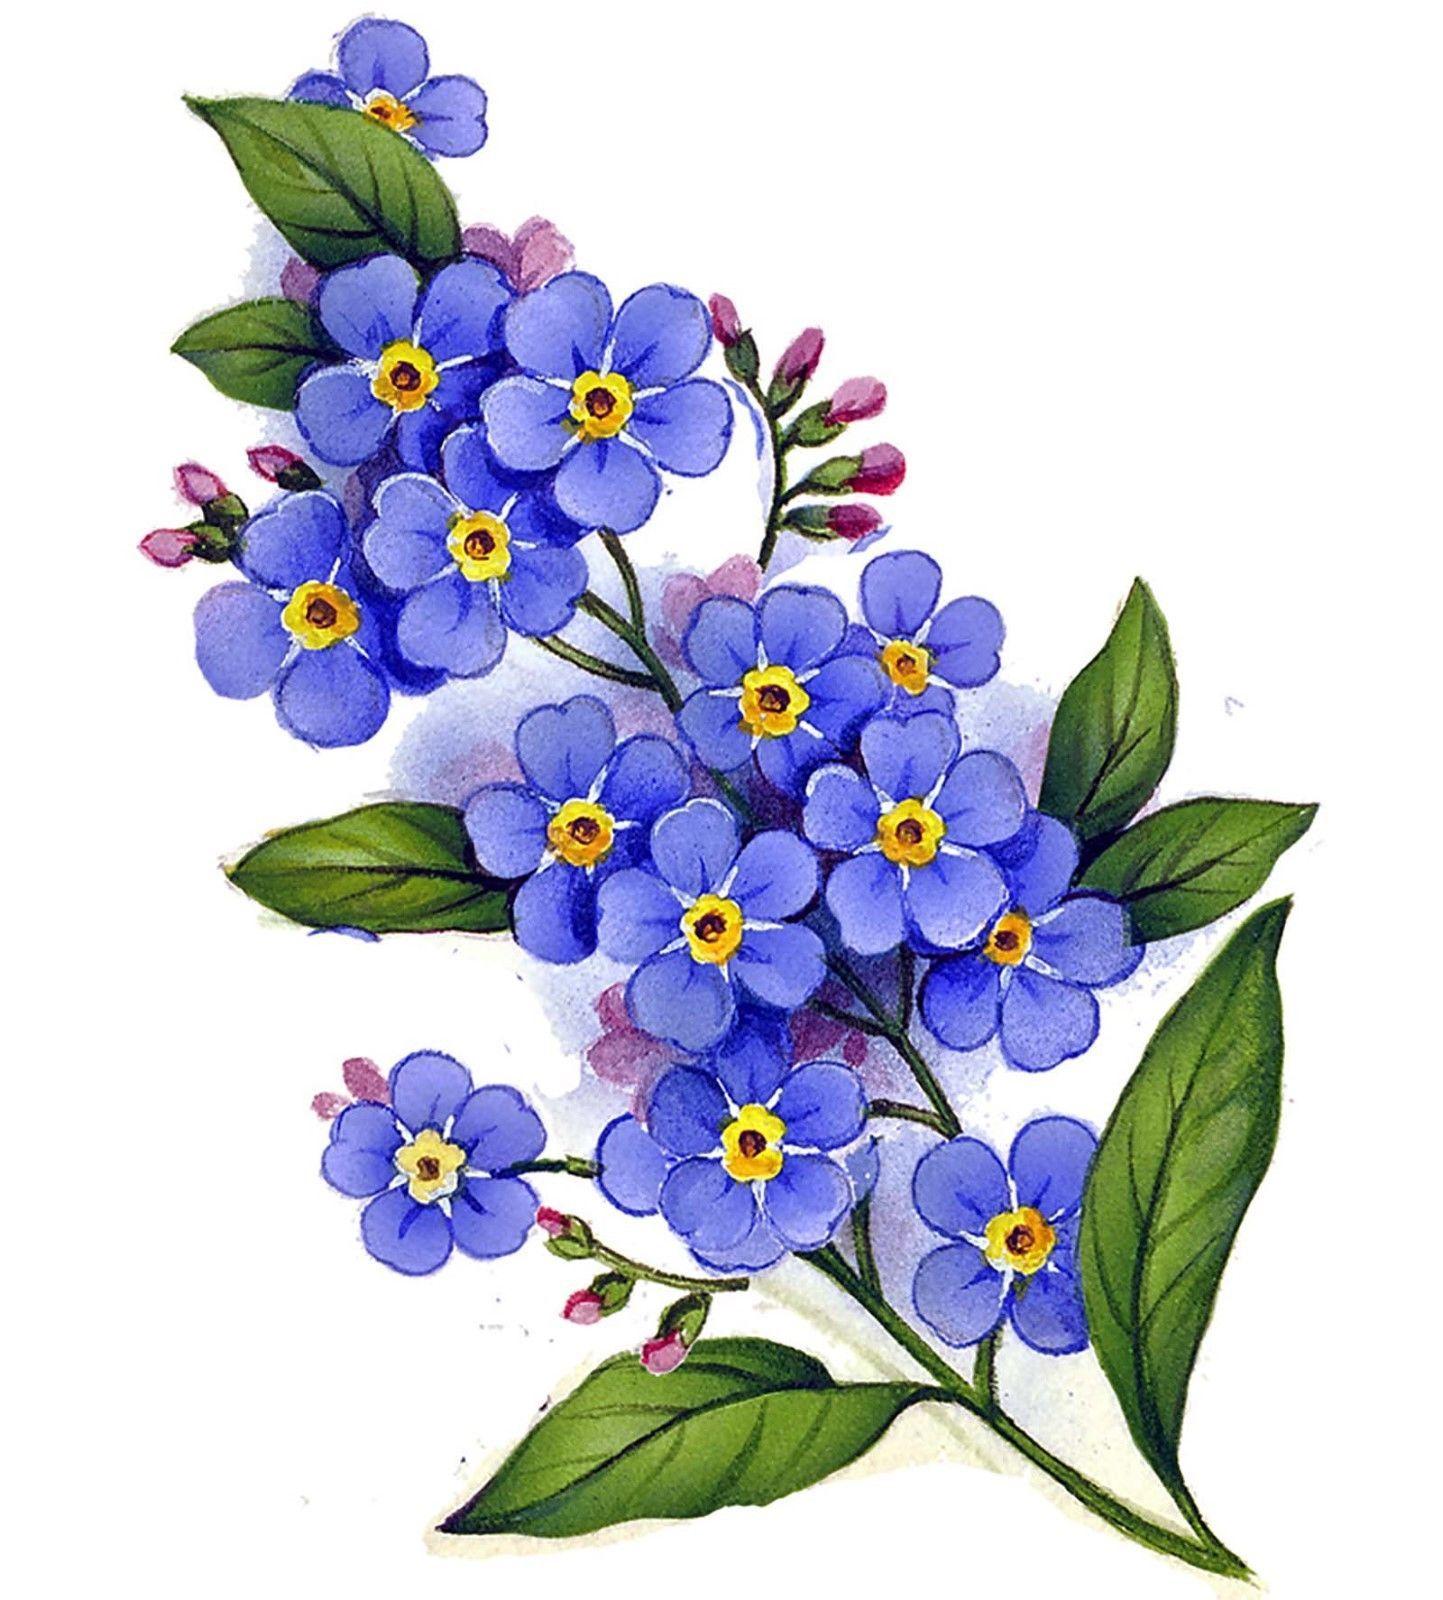 Открытки днем, картинки незабудки цветы нарисованные